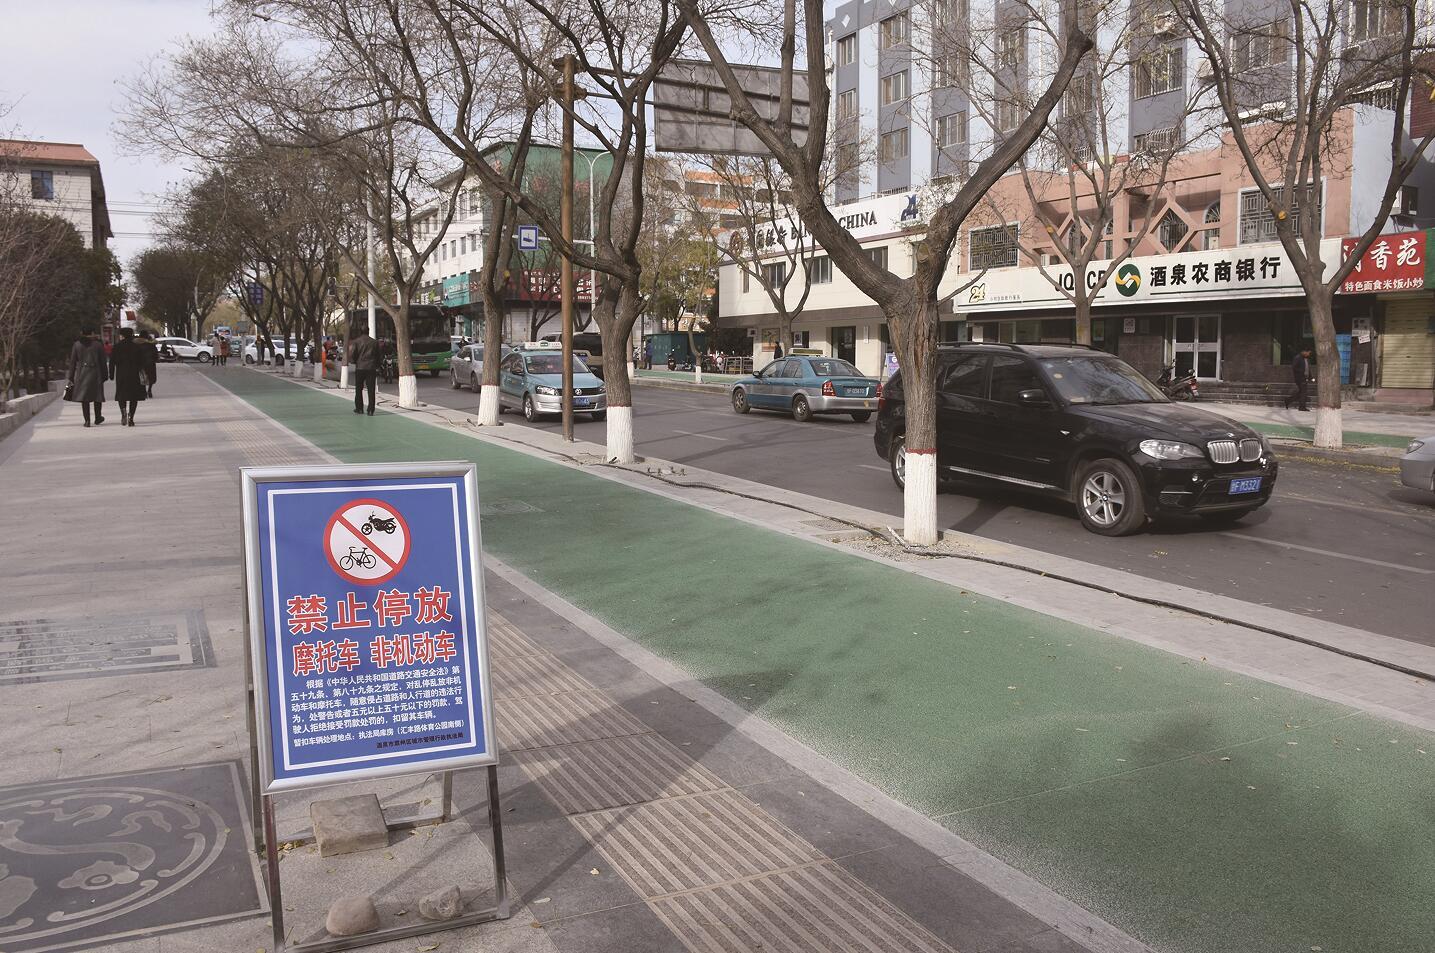 酒泉:让交通更畅通 让城市更漂亮(图)